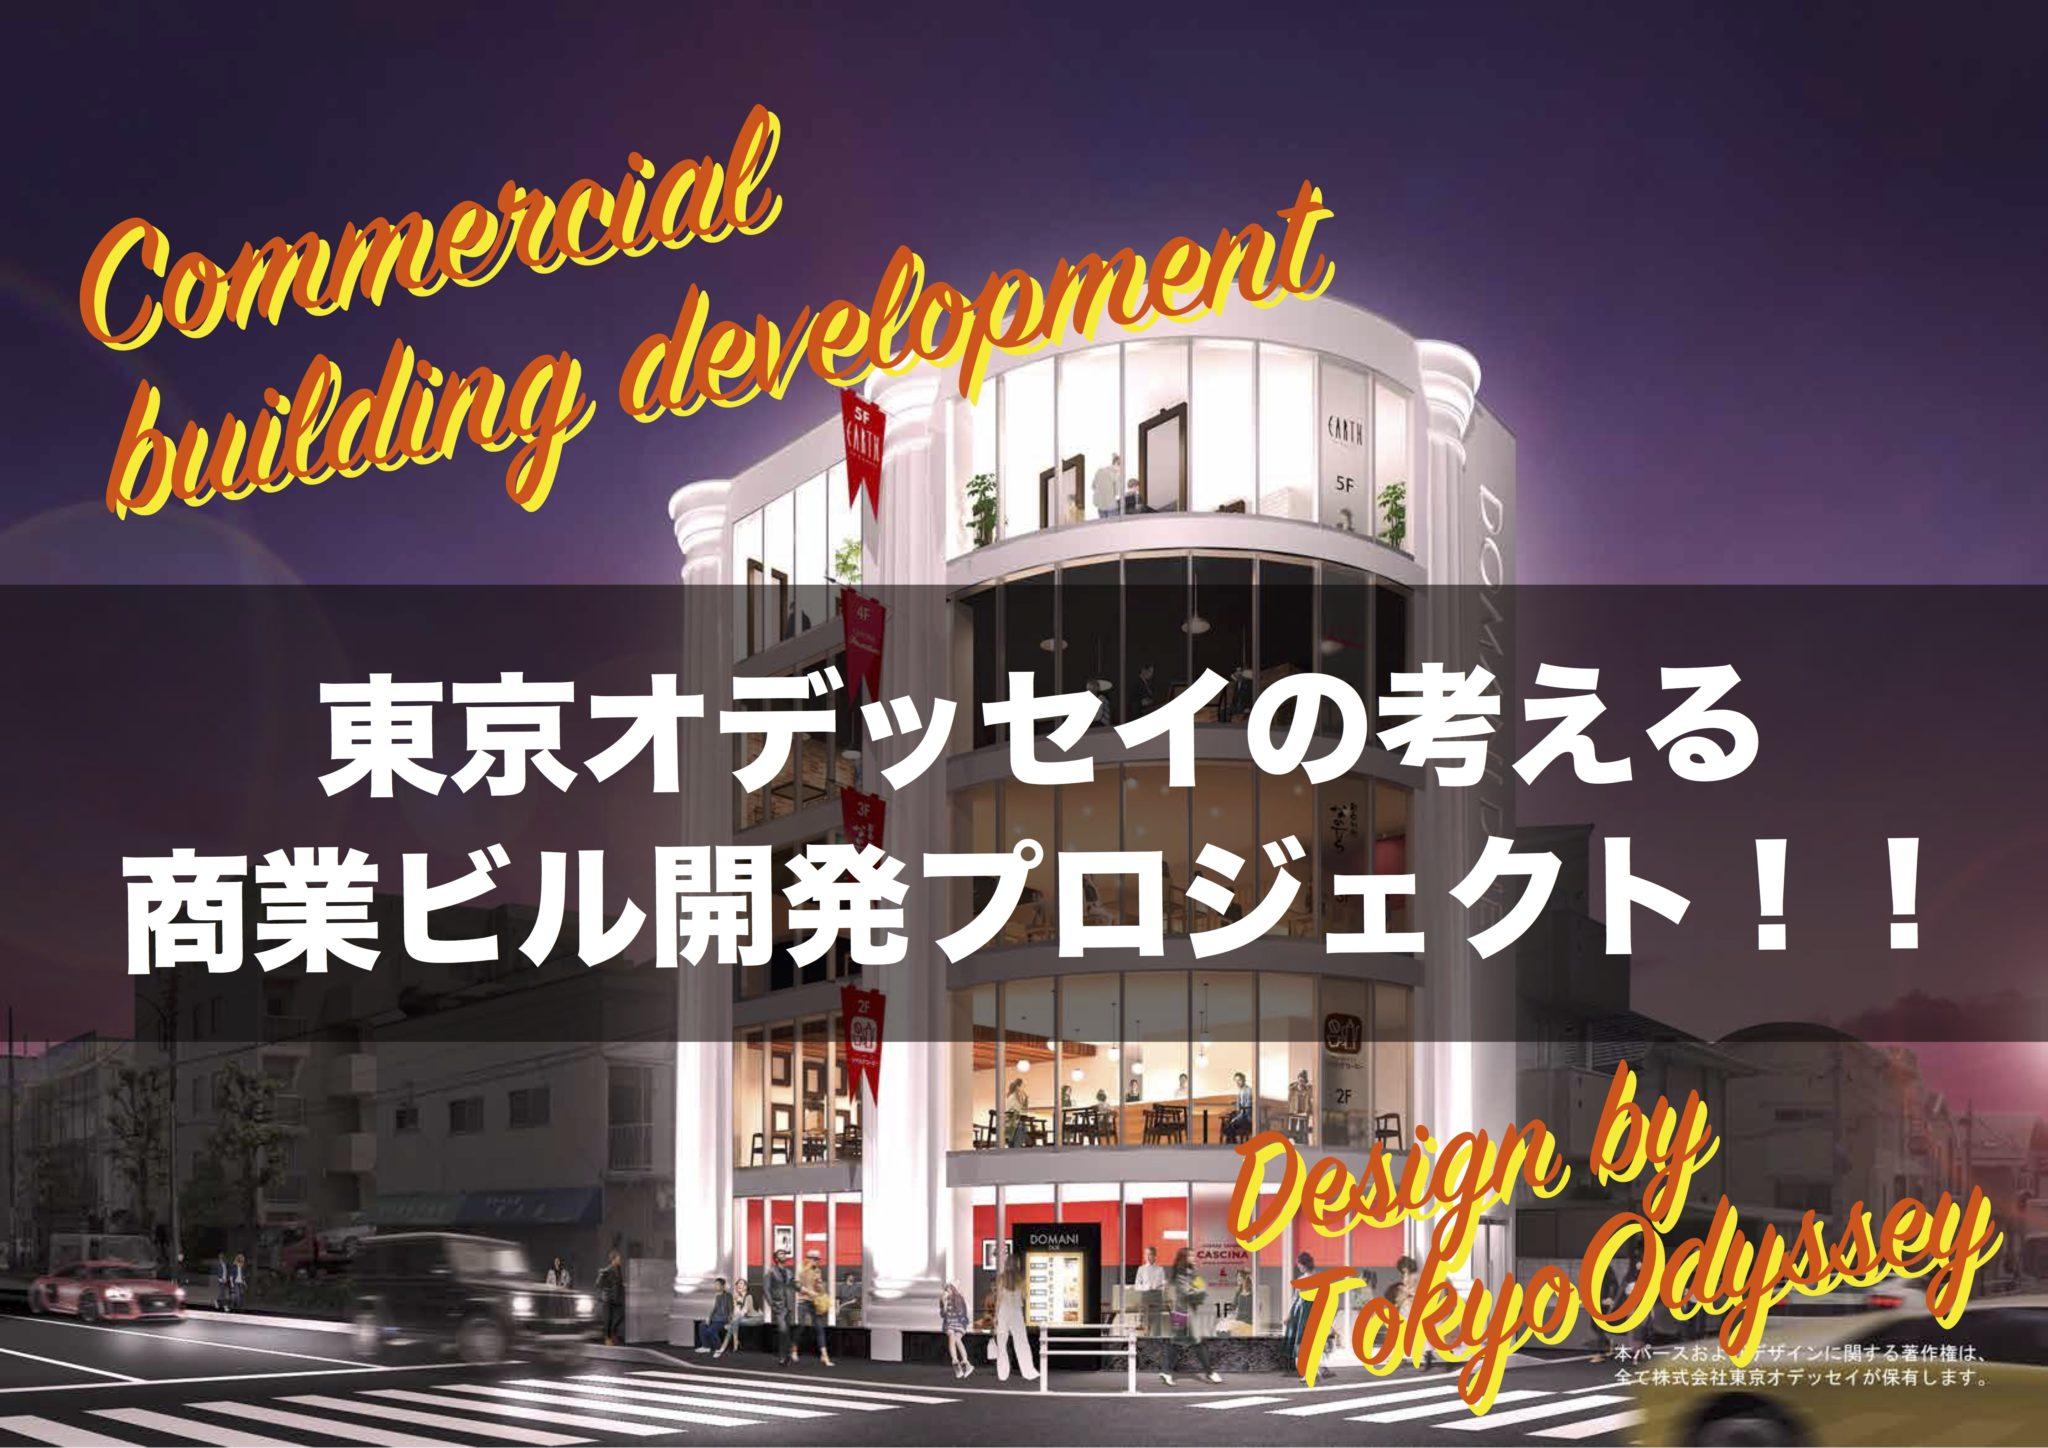 訴求力のあるシンボリックな「商業ビル開発」プロジェクトがスタートいたしました!!